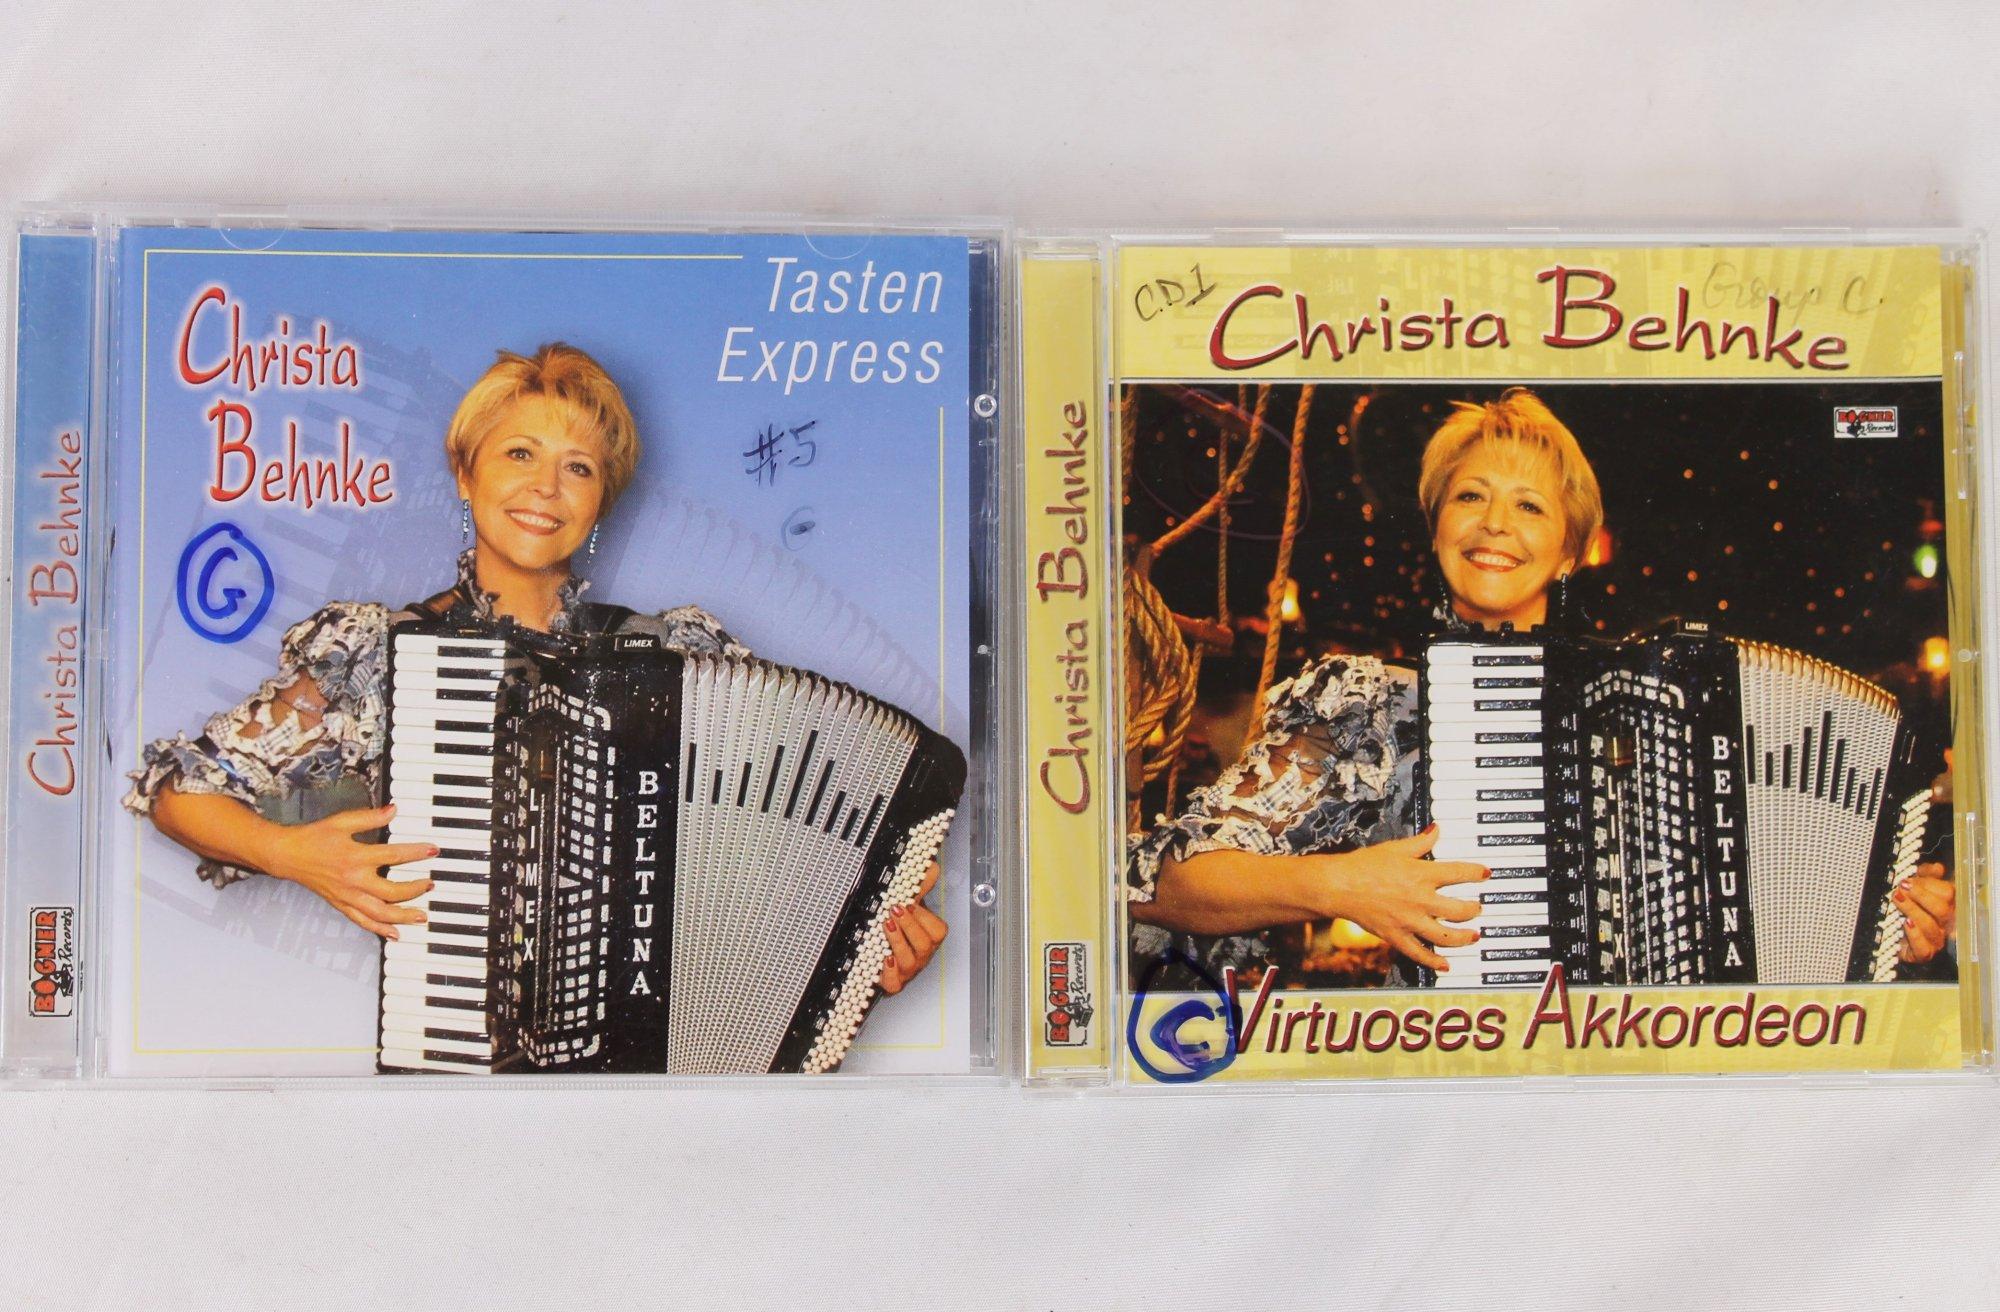 Christa Behnke: Virtuoses Akkordeon und Tasten Express CDs